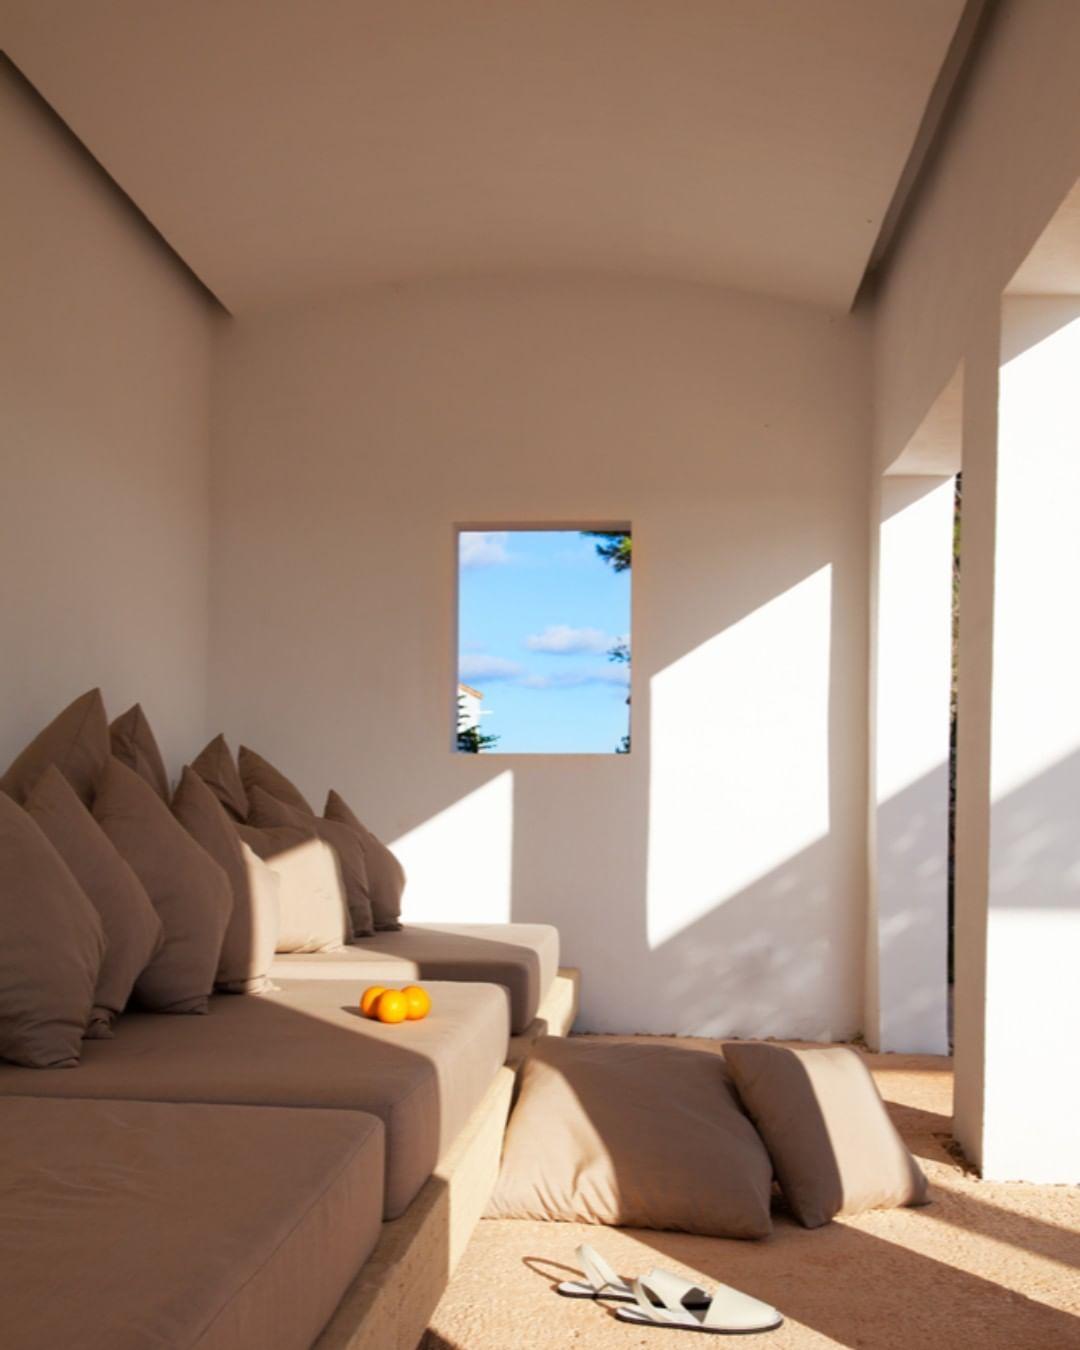 DE ARQUITECTOS: el estudio de Zaha Hadid - torralbenc - raulino silva architecto 8